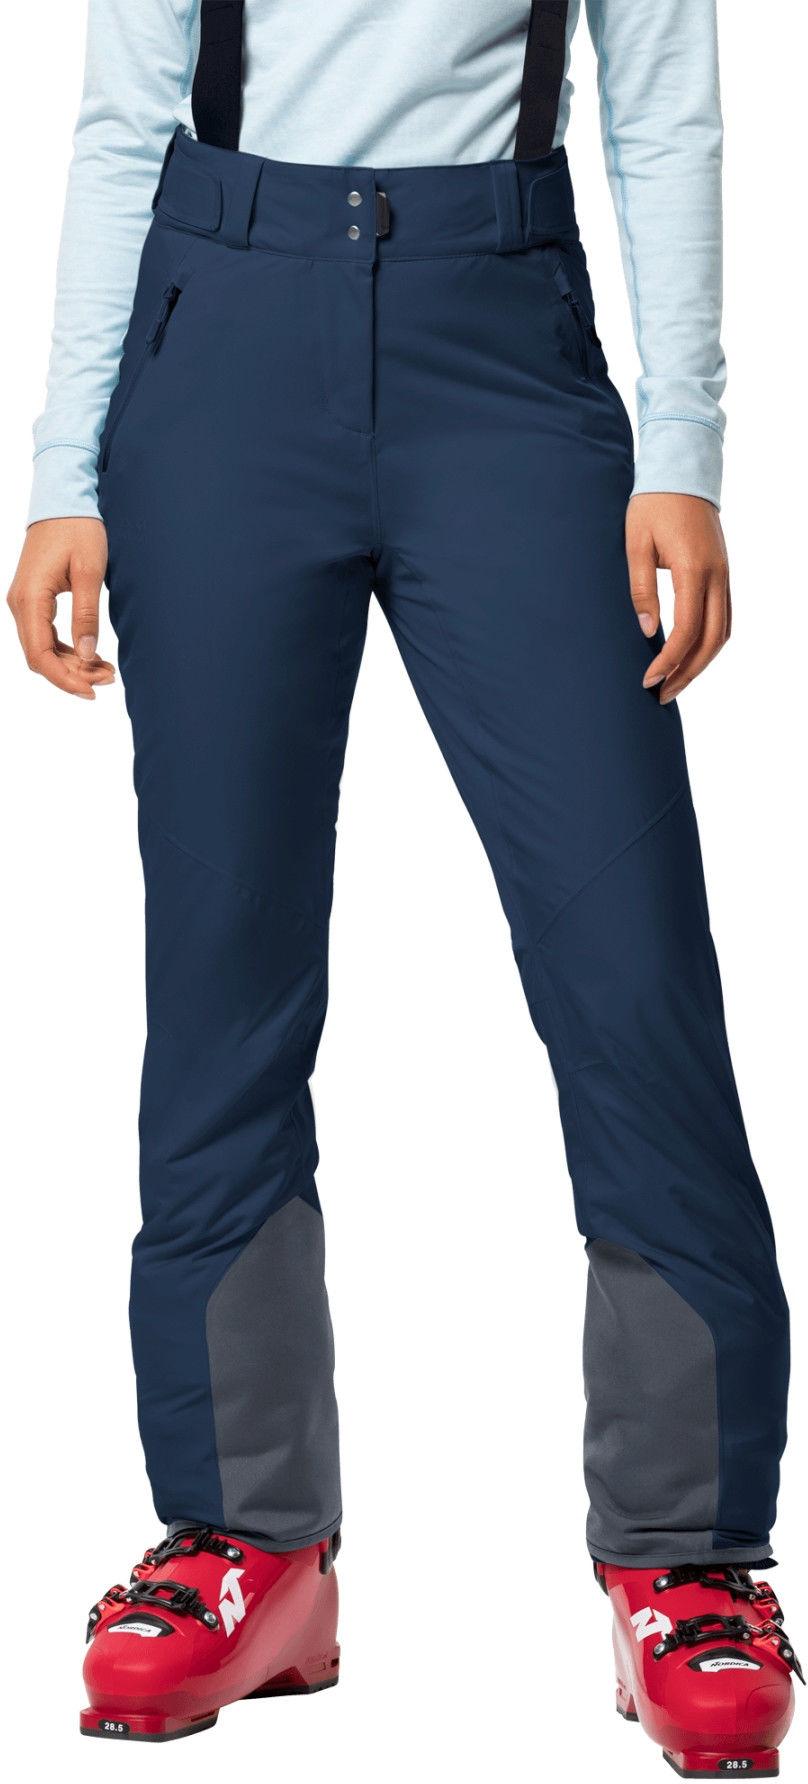 Jack Wolfskin Spodnie narciarskie damskie GREAT SNOW PANTS W dark indigo